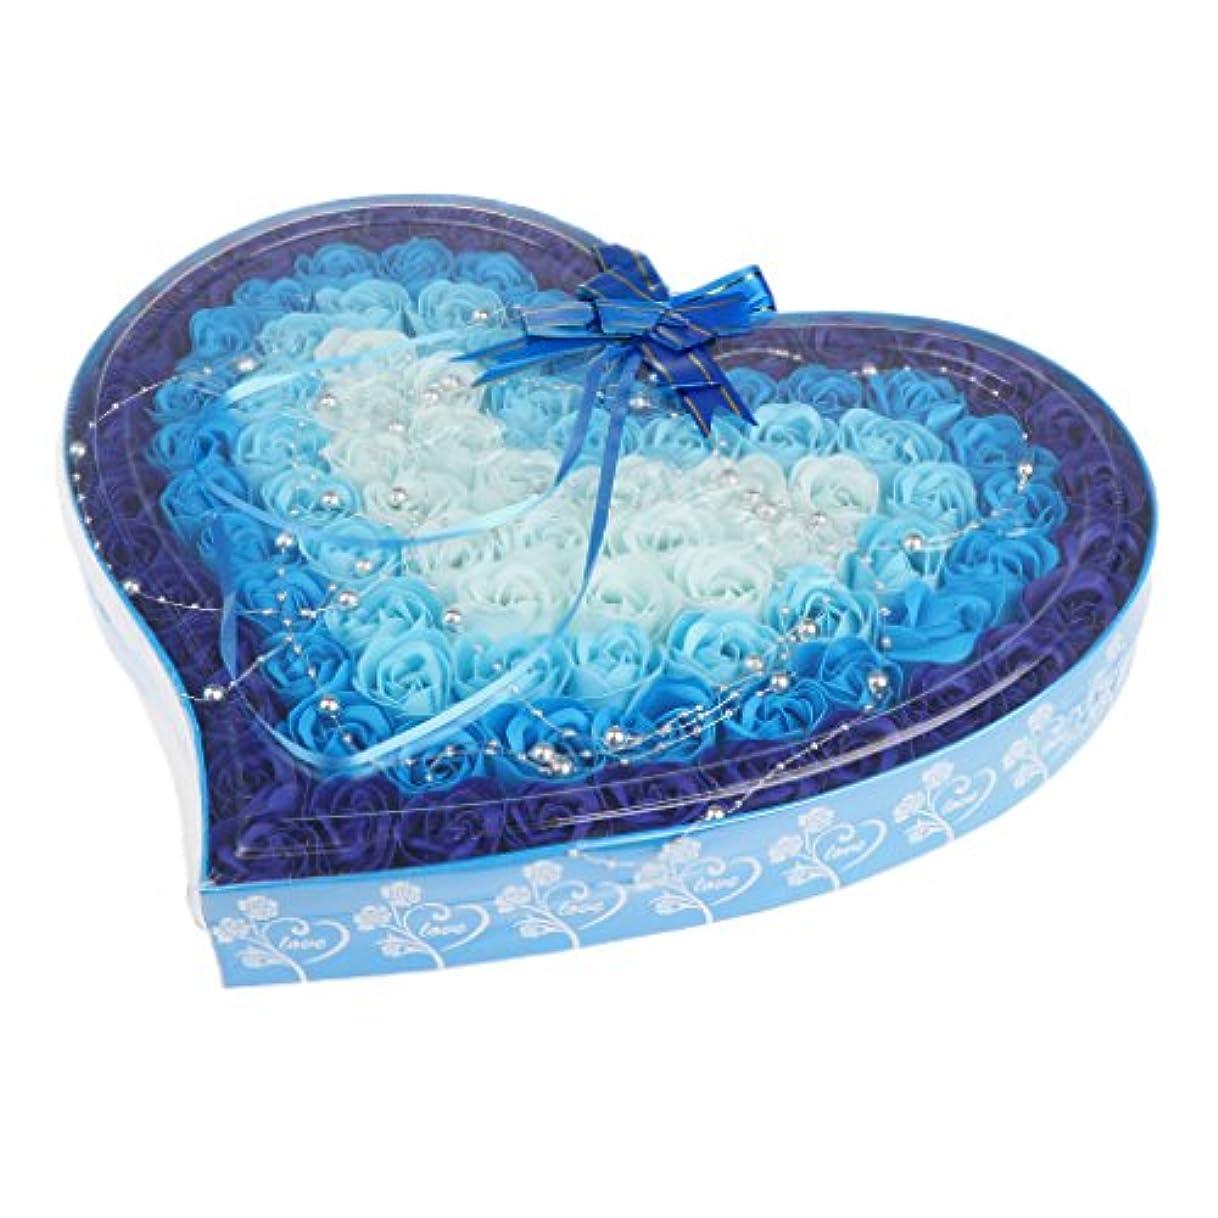 心理的染色弁護士ソープフラワー 約100個 心の形 ギフトボックス 石鹸の花 誕生日 プレゼント 全4色選べる - 青